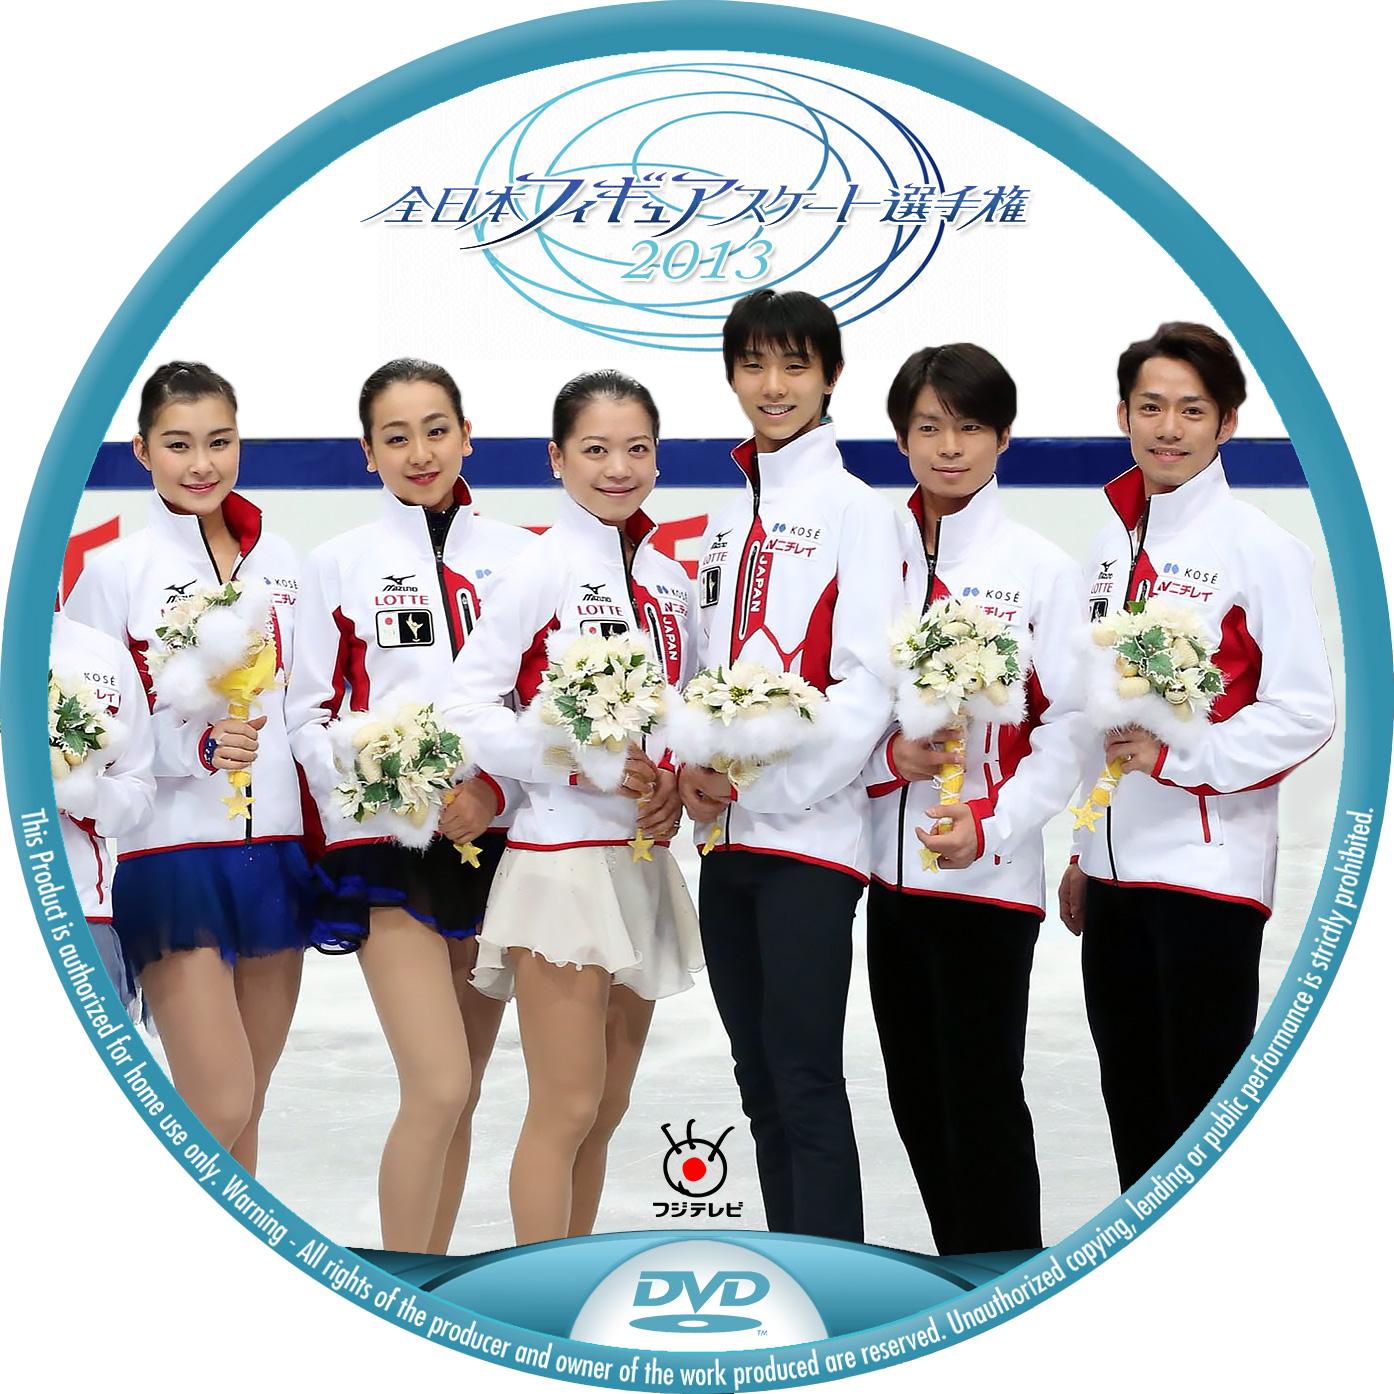 フィギュア 五輪代表 DVDラベル